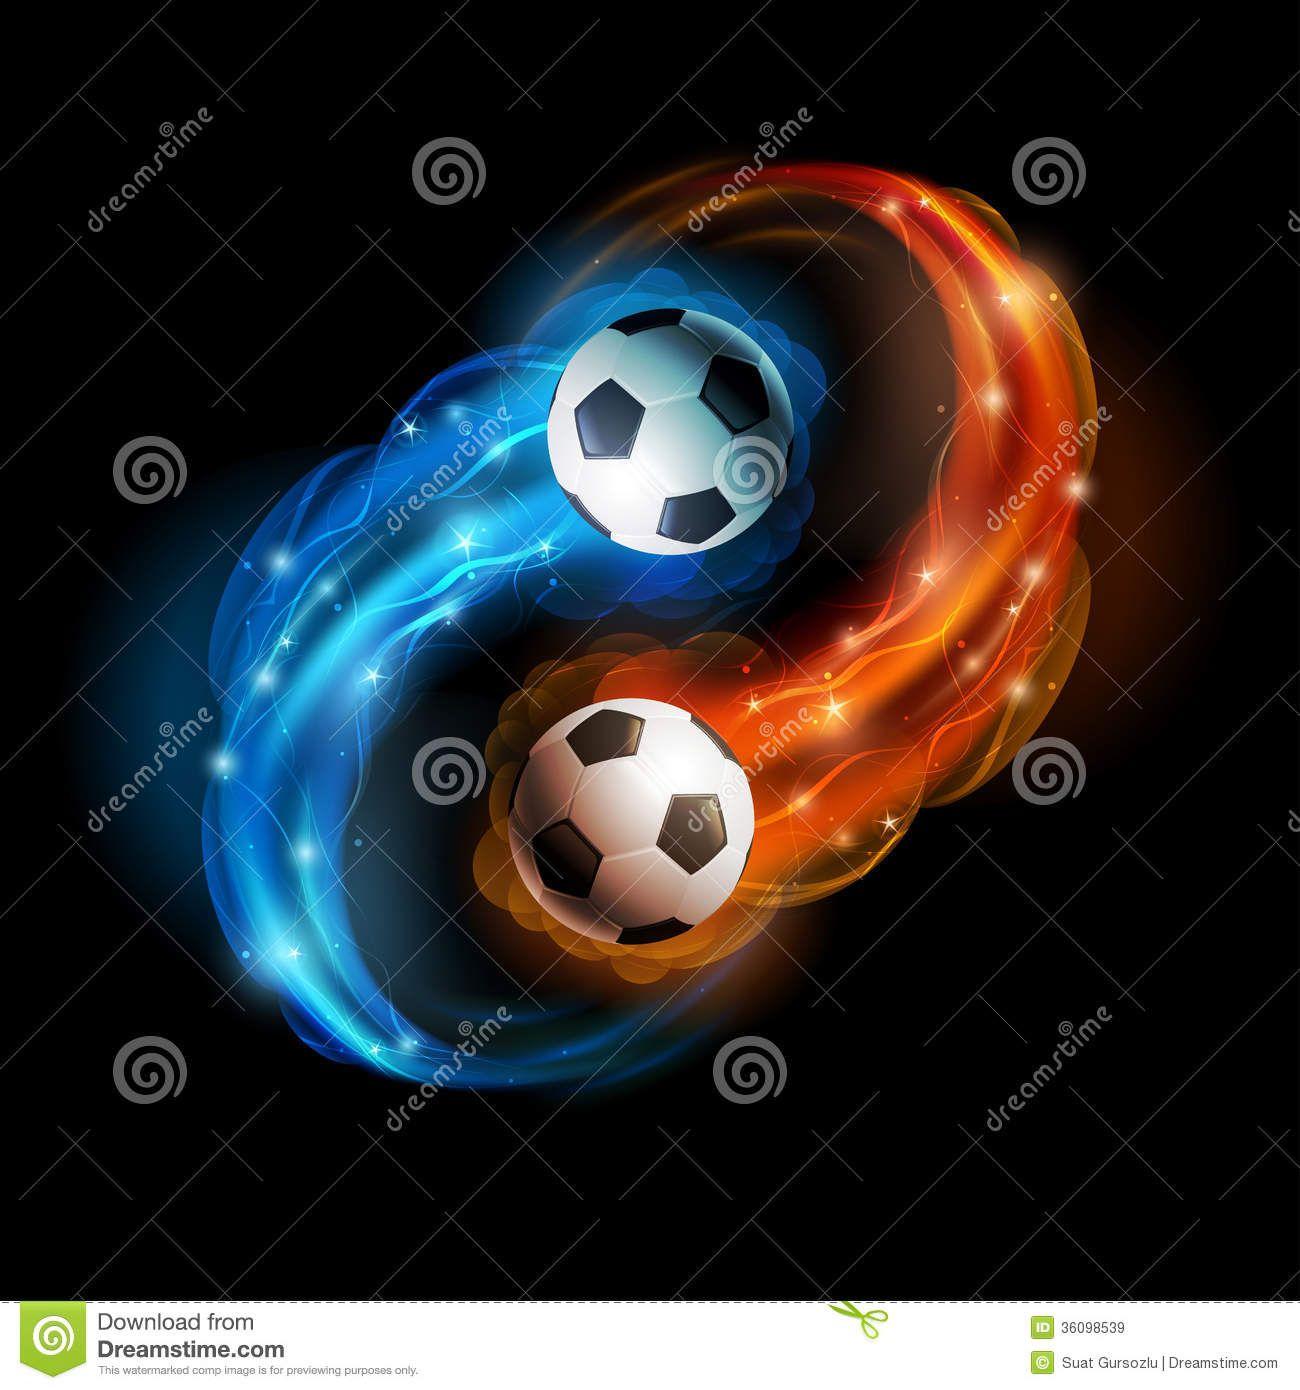 Soccer Ball In Fire Soccer Ball Soccer Pictures Soccer